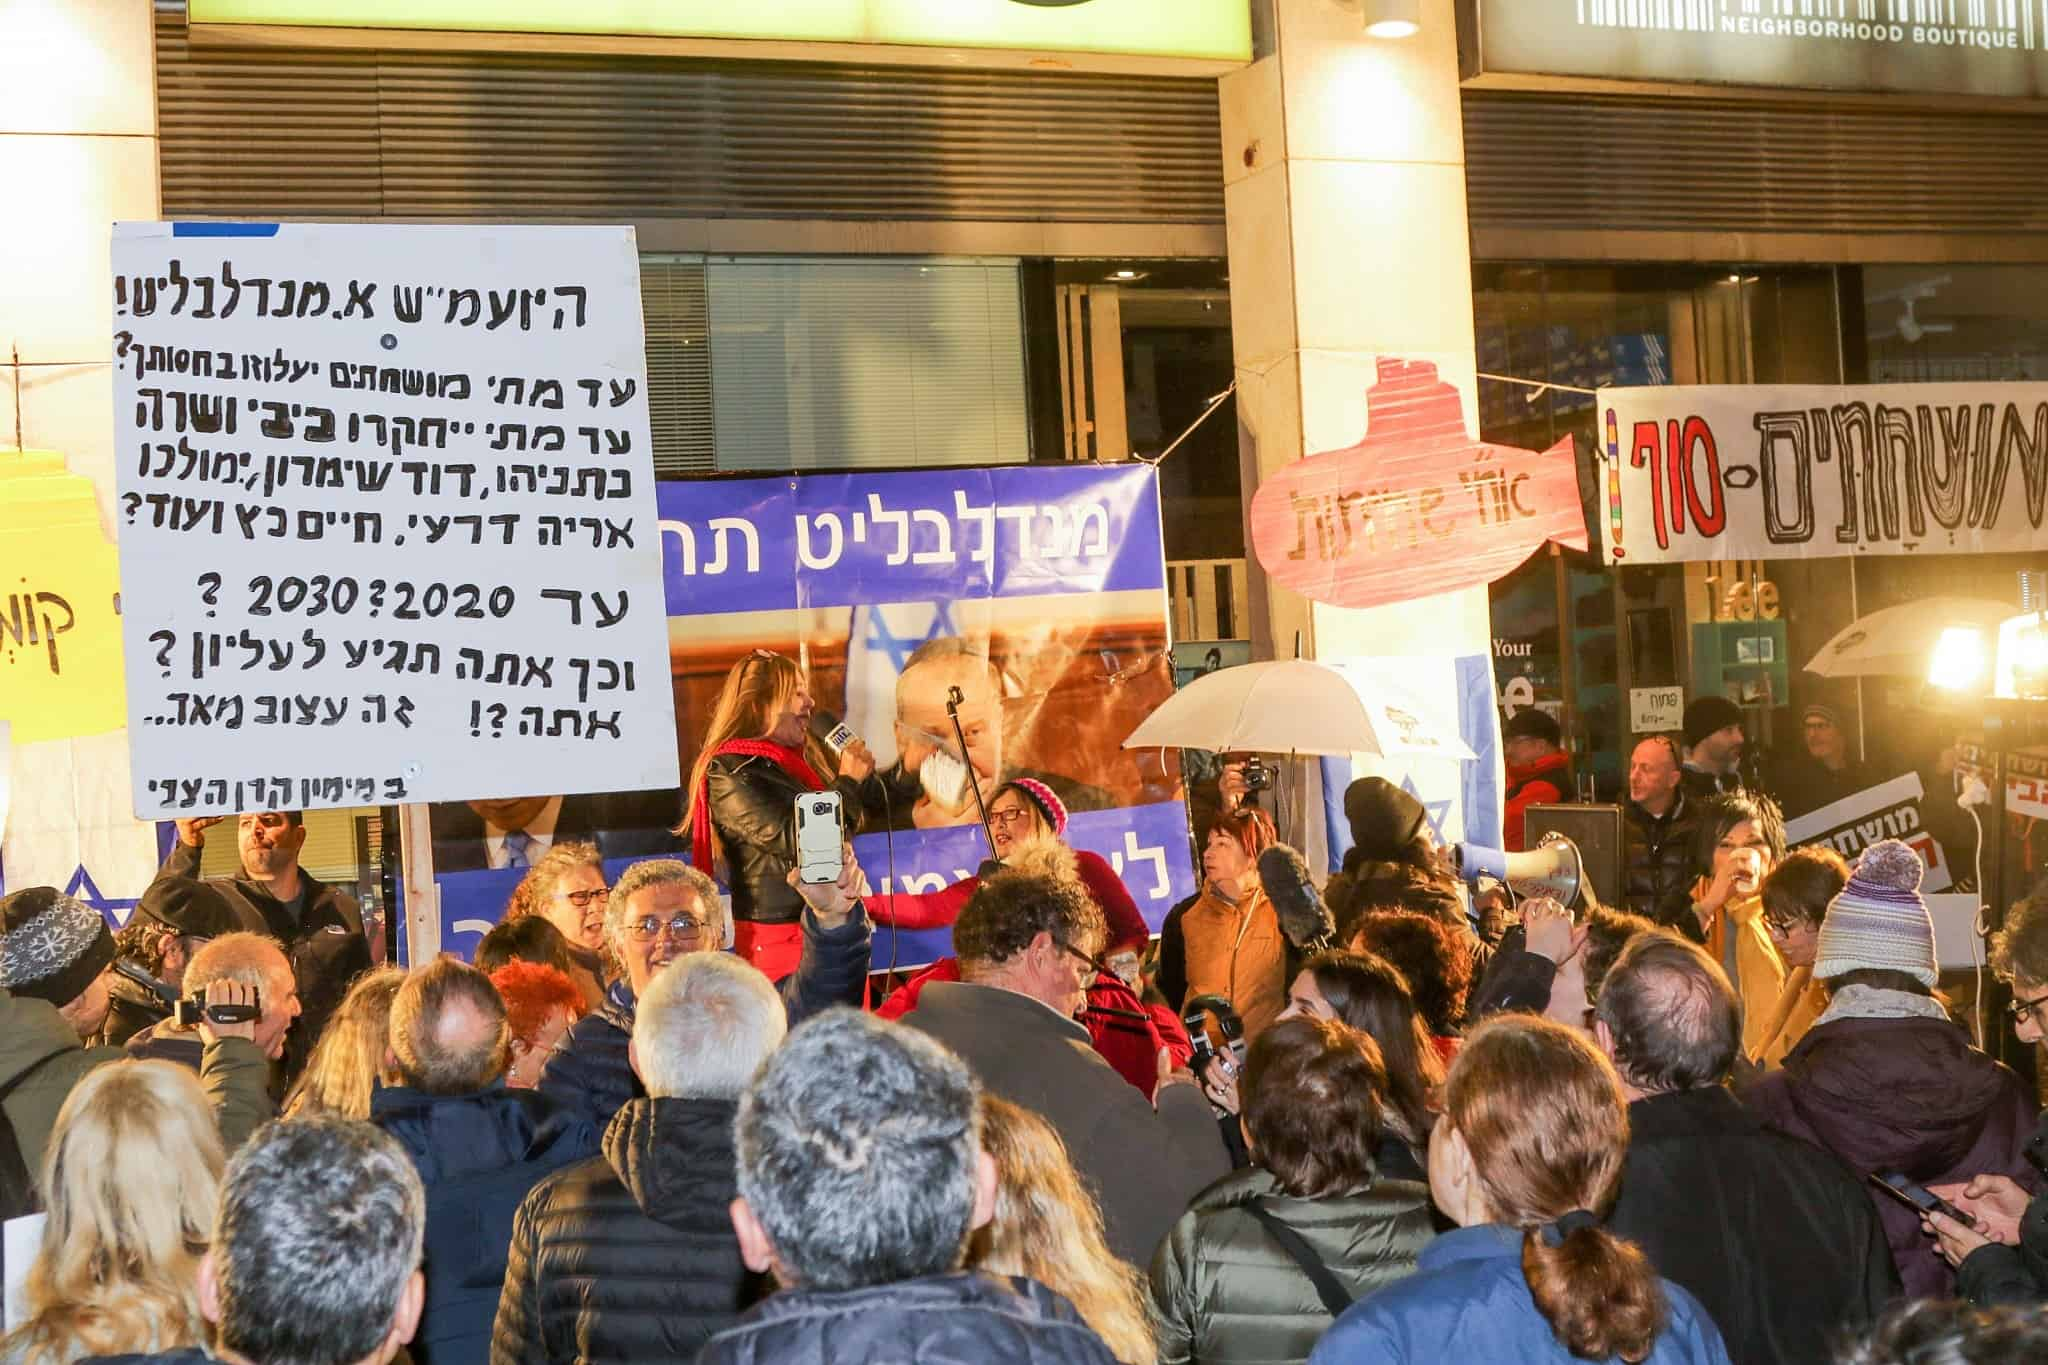 הפגנה בשכונתו של מנדלבליט (צילום: רועי חלימה, פלאש 90)